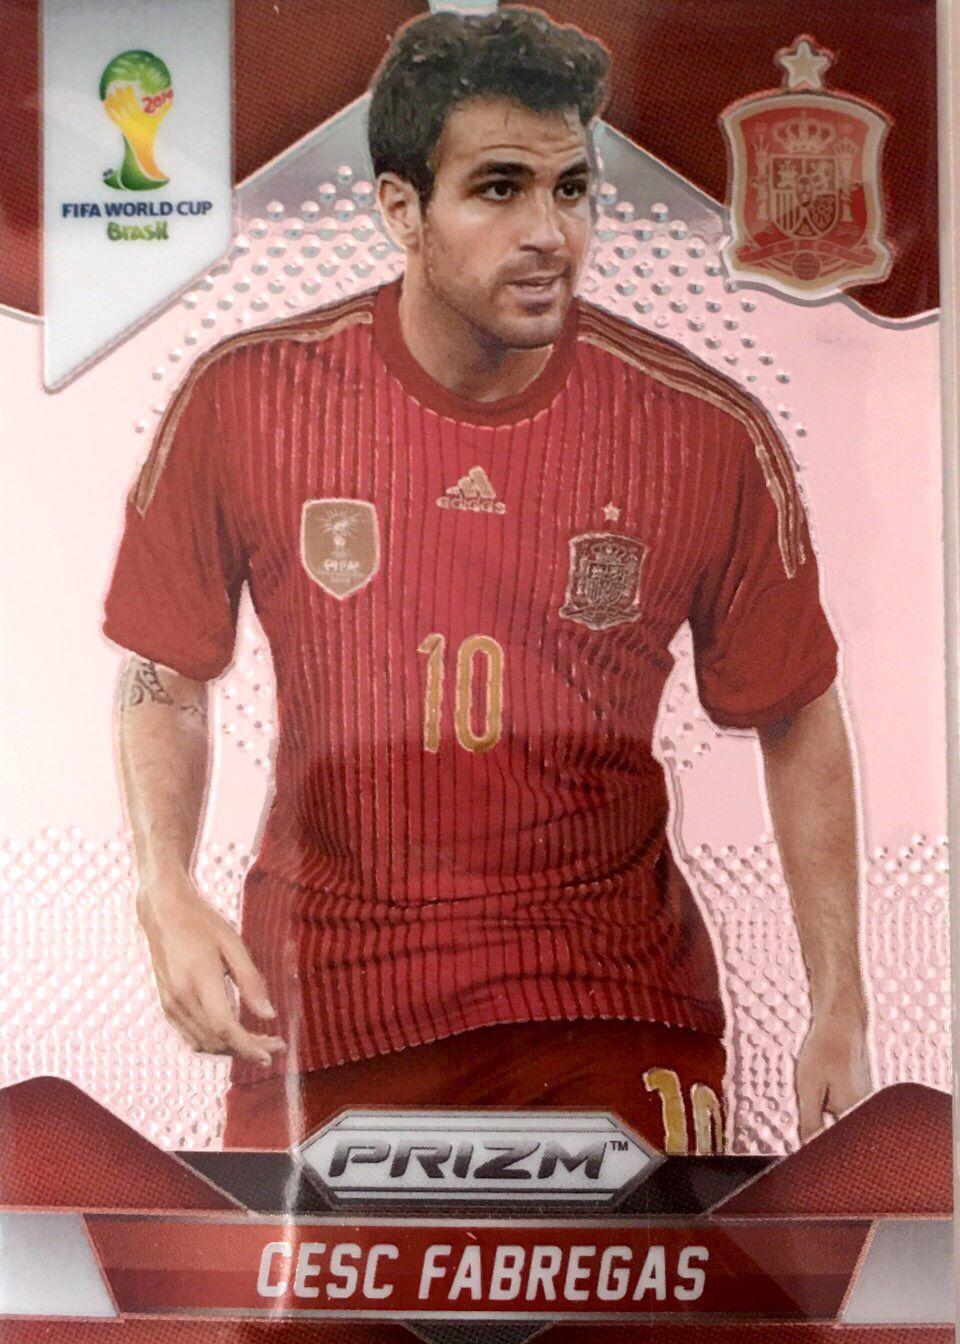 【普拉蒂尼】2014Panini帕尼尼巴西世界杯足球球星卡Cesc Fabregas法布雷加斯西班牙NO.176普卡